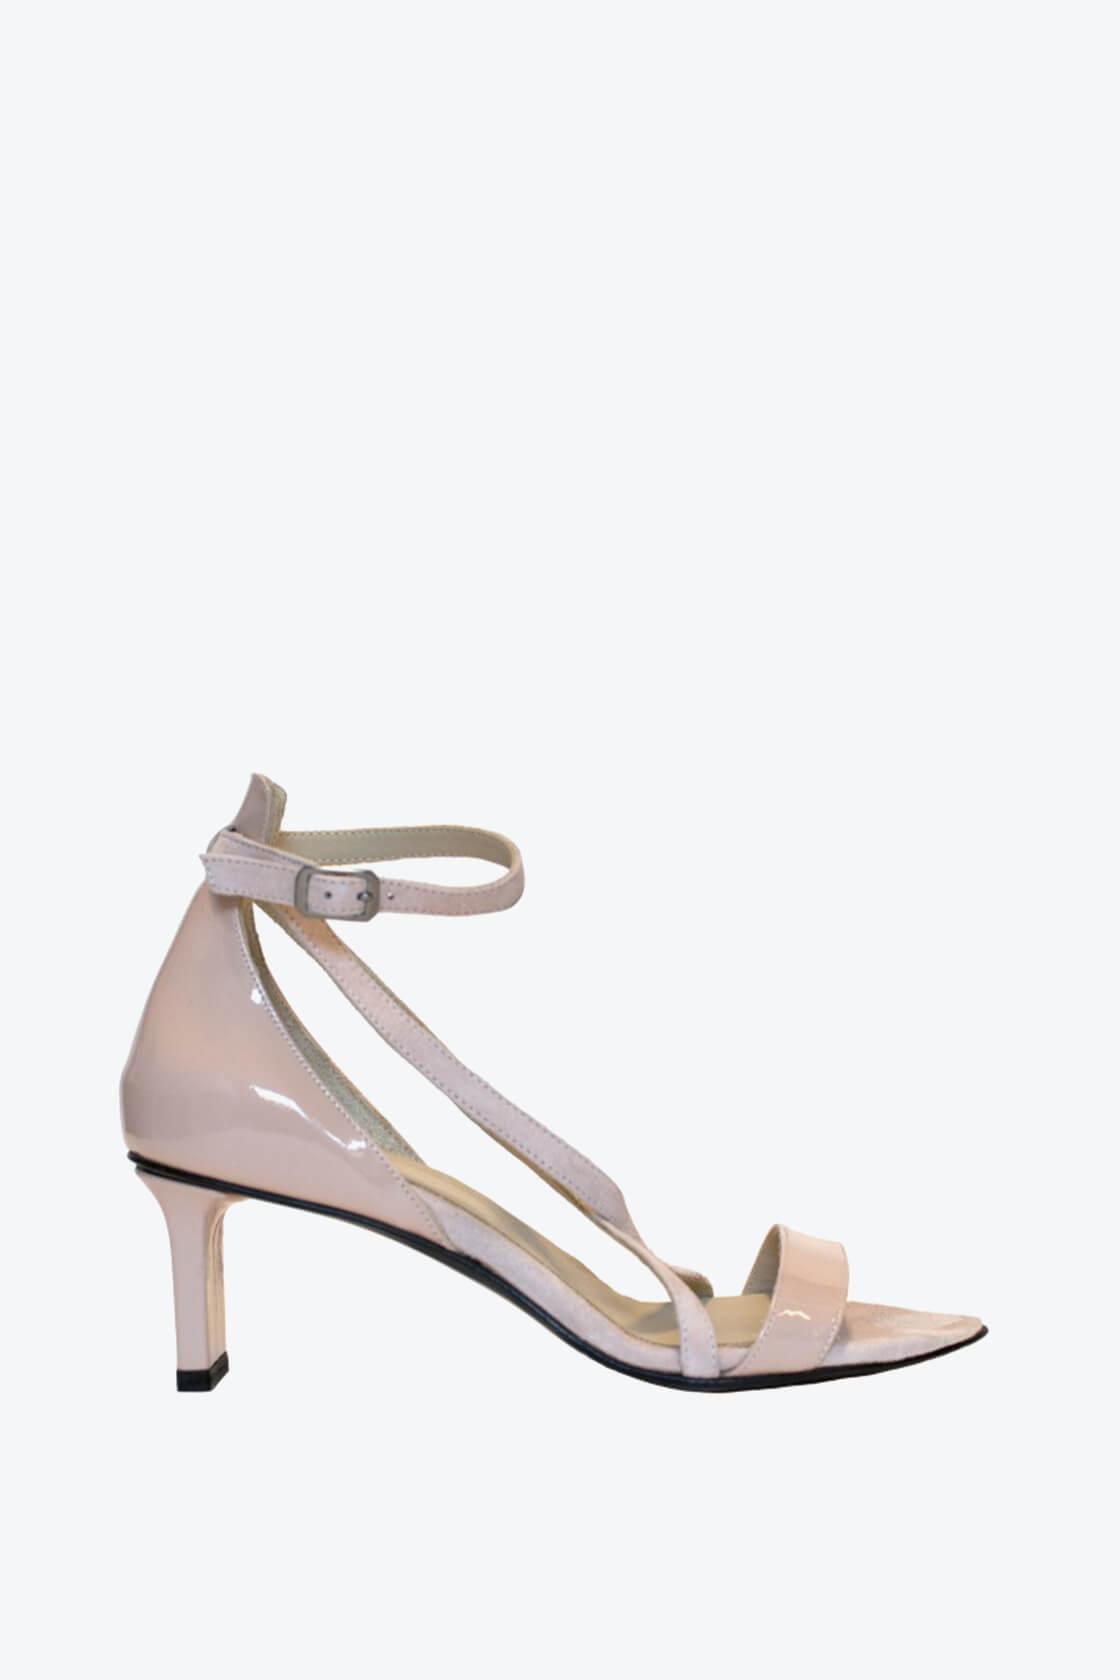 EJK0000073 Maggie strappy sandals blush 1